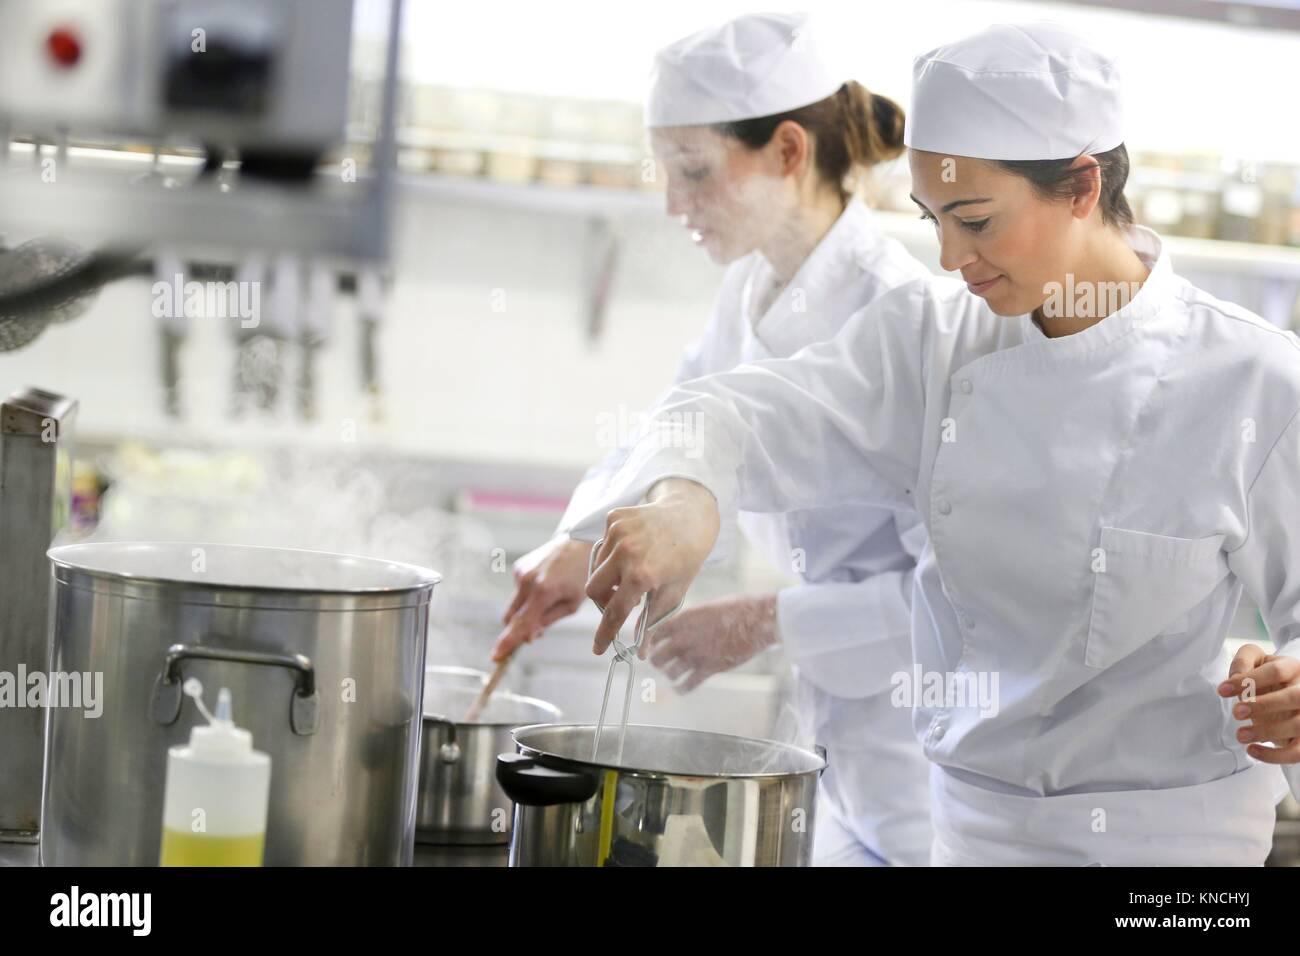 Chefs, die Köche in der Küche der Schule, Küche, Schule, Donostia, San Sebastian, Gipuzkoa, Baskenland, Stockbild